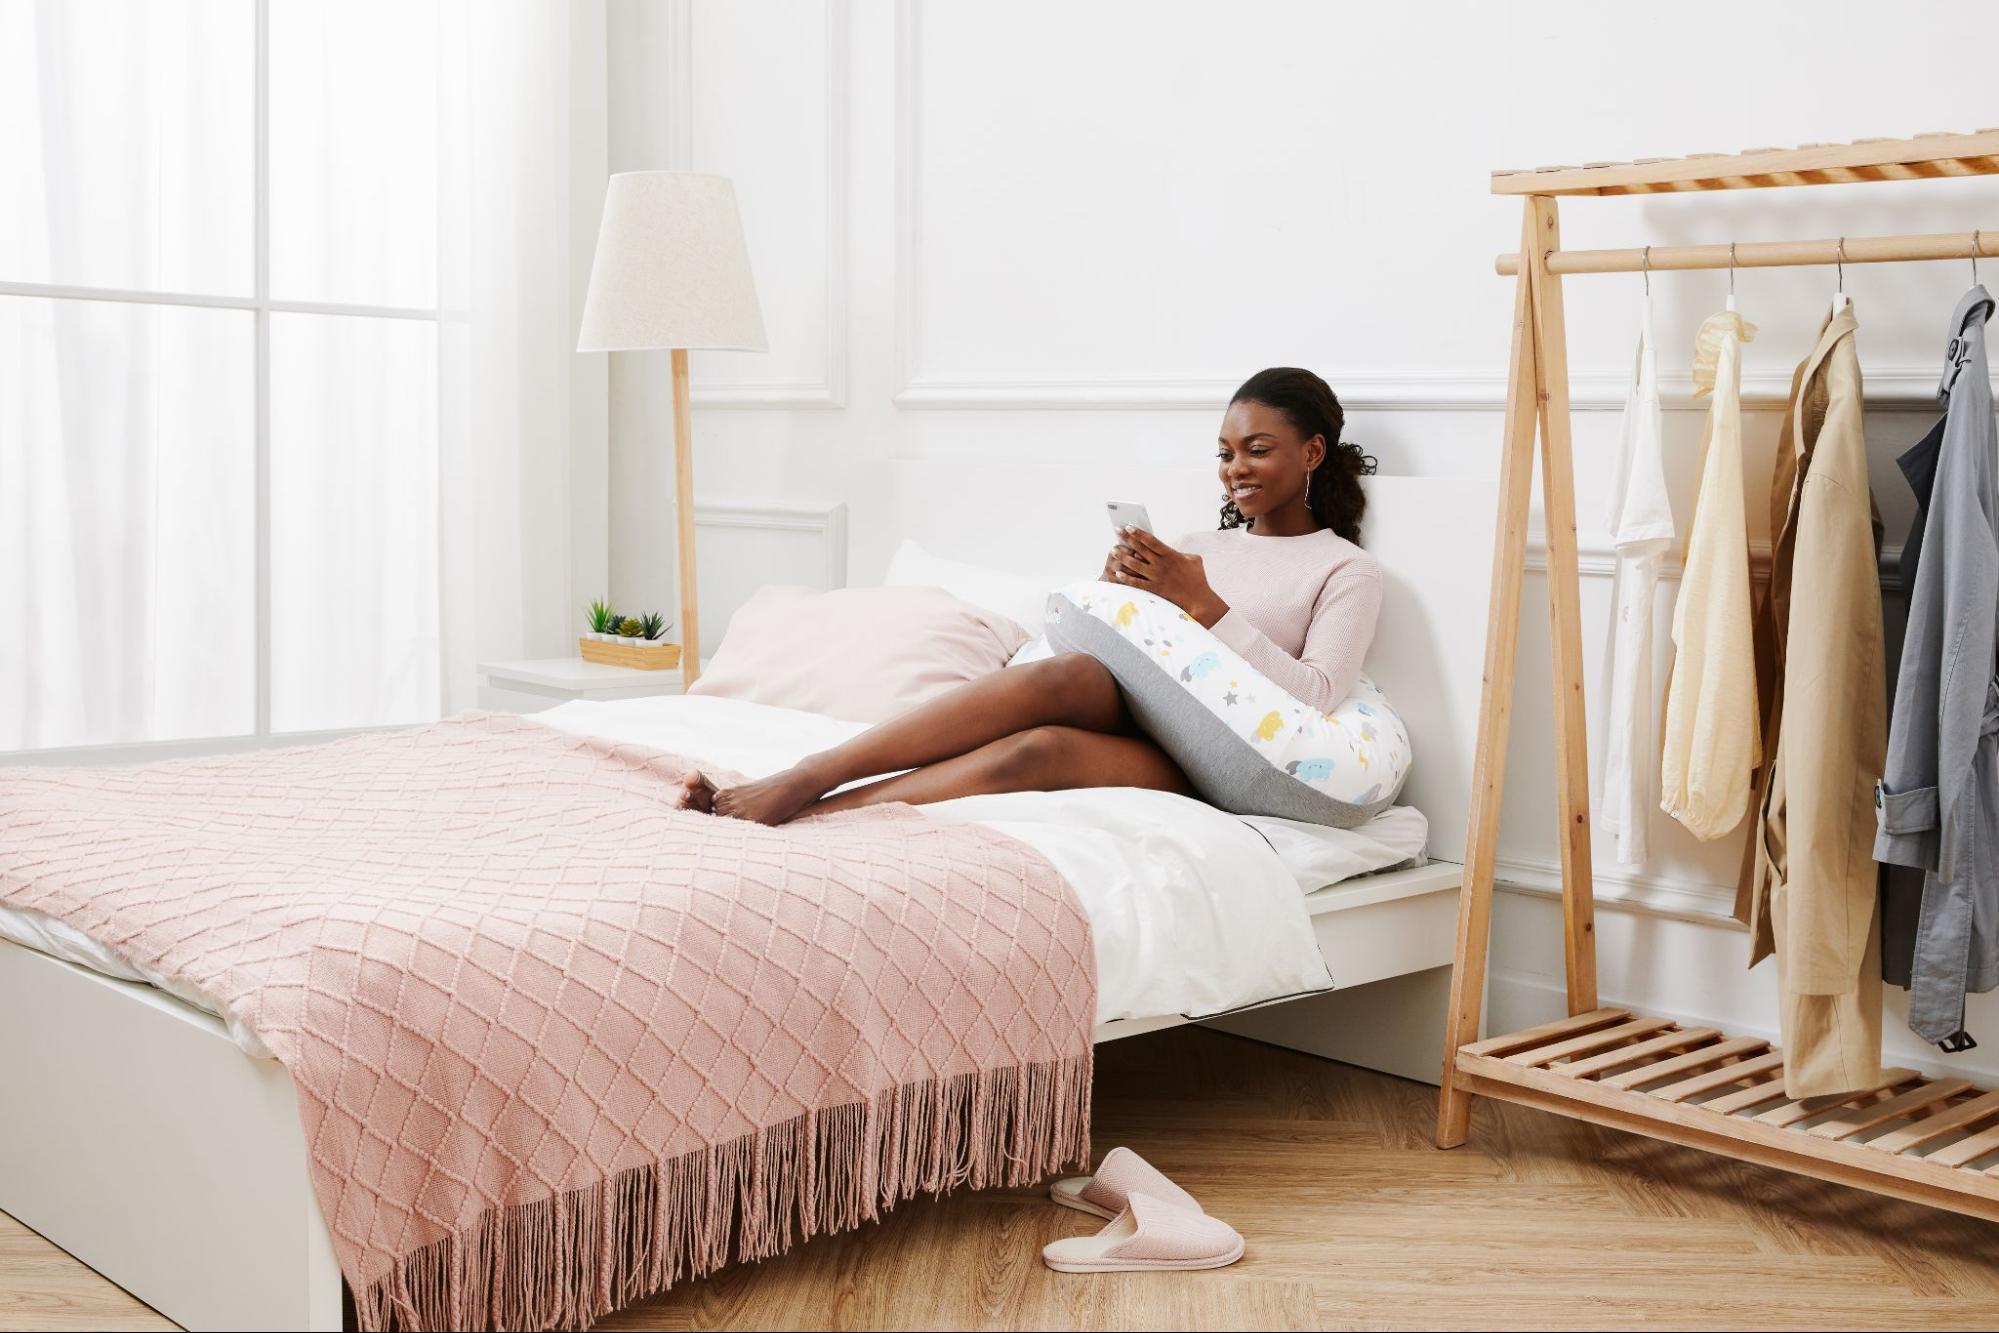 月亮枕孕婦枕可用來支撐身體